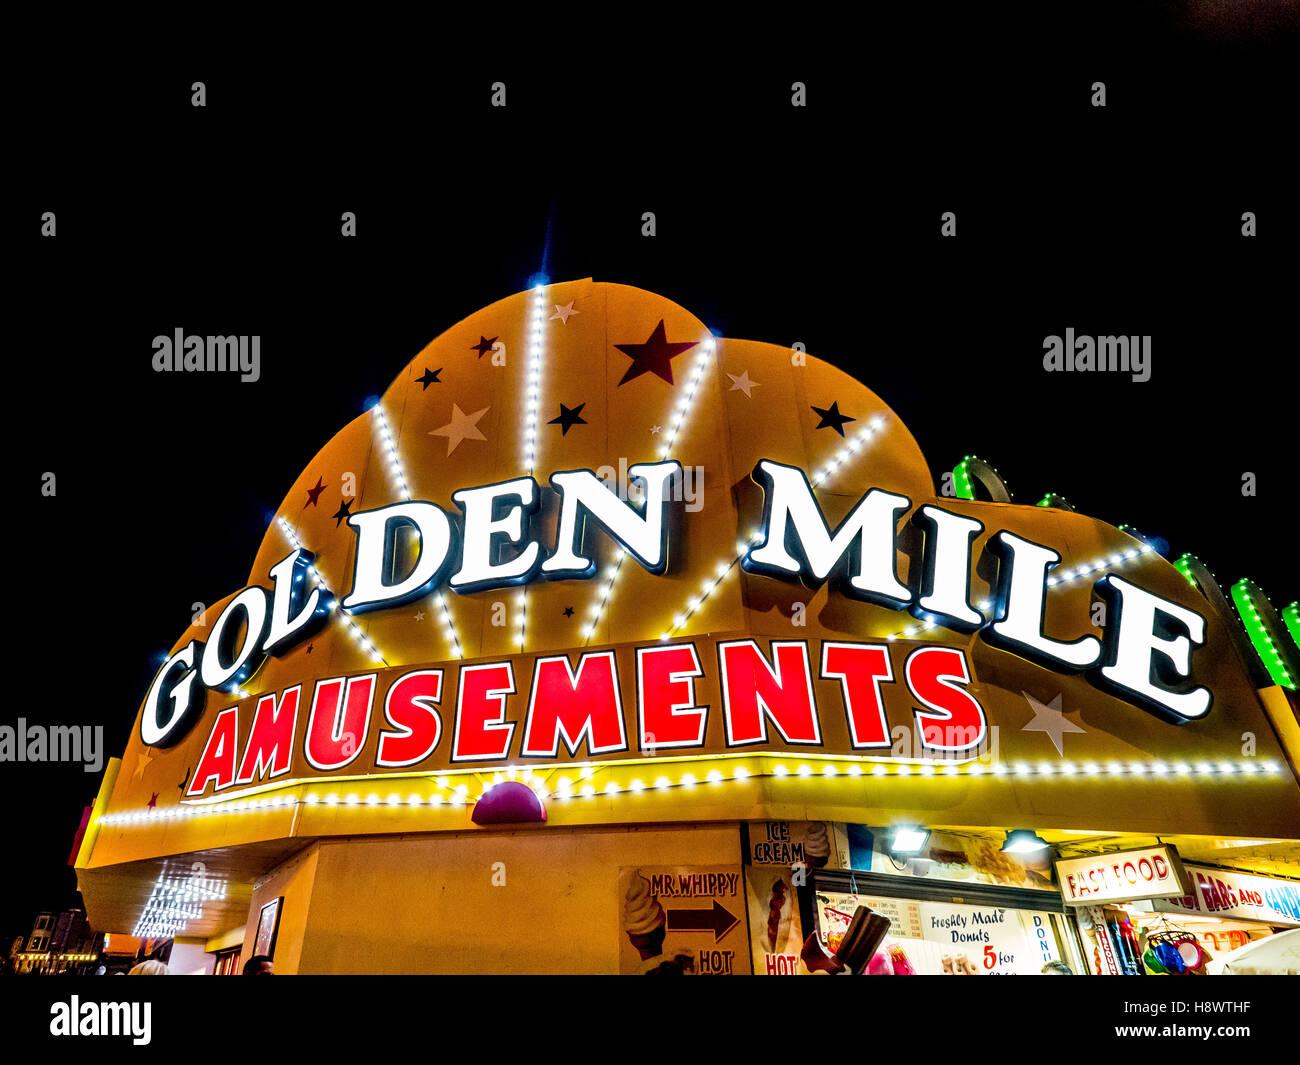 Golden Mile Amusements illumnated sign, Blackpool, Lancashire, UK. - Stock Image